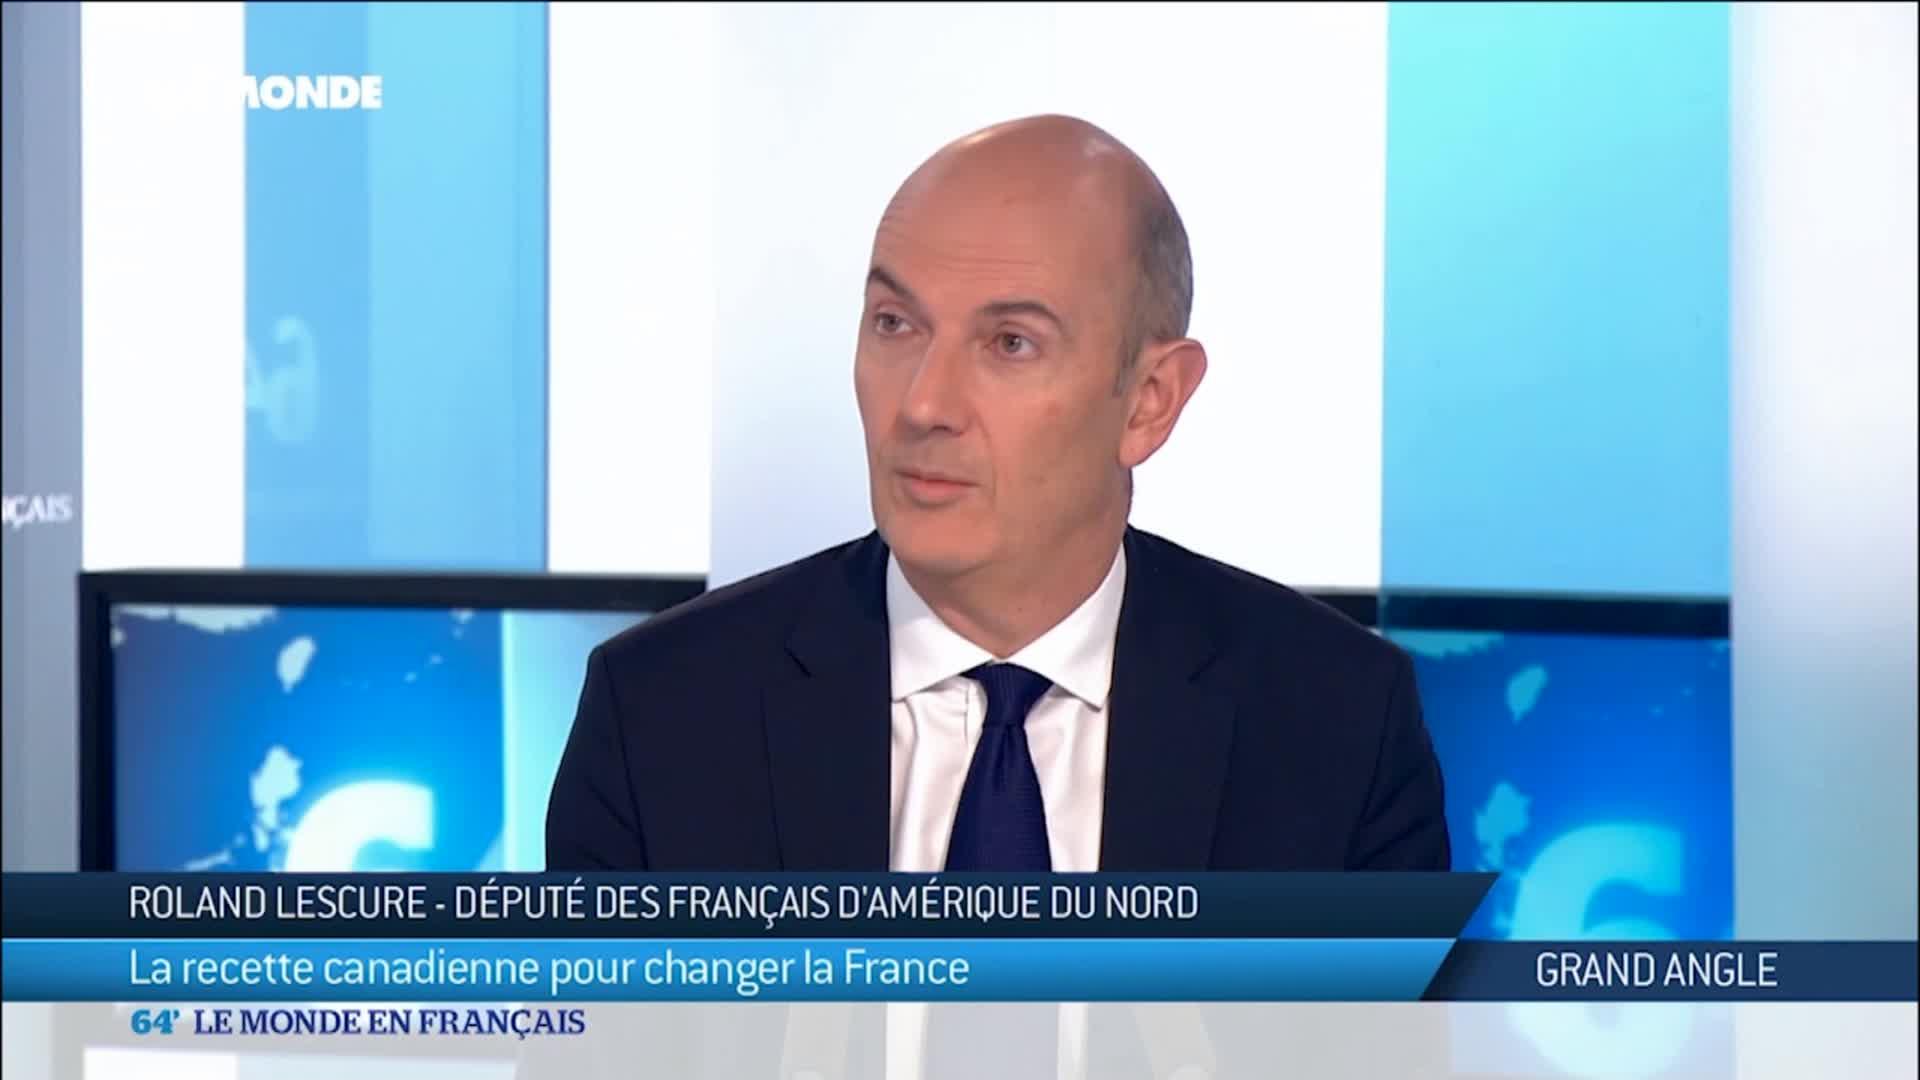 Roland Lescure : la recette canadienne pour changer la France